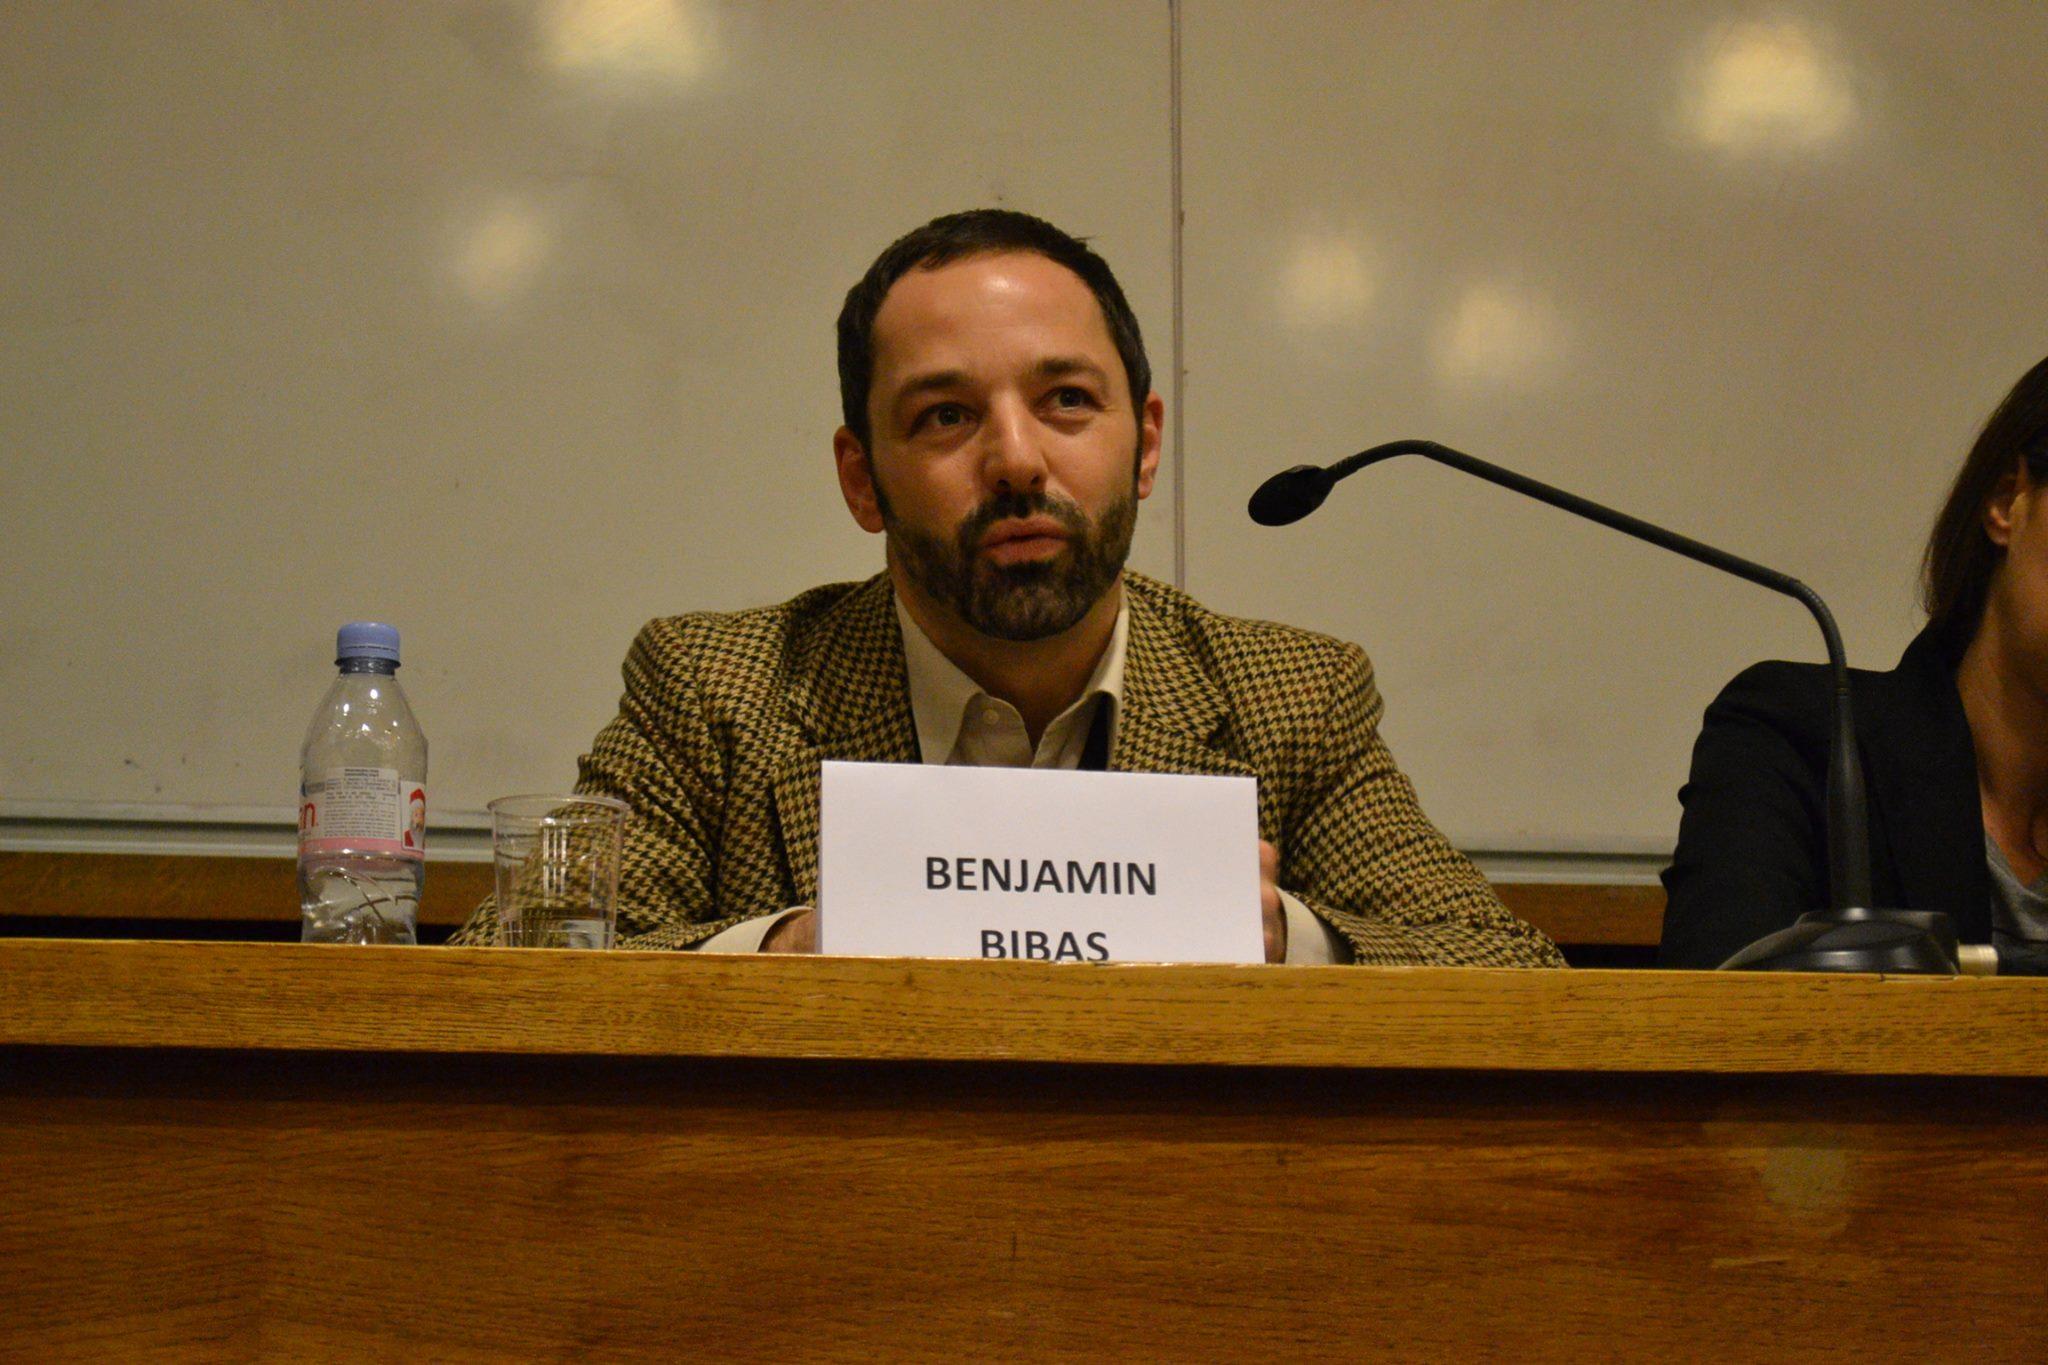 Benjamin Bibas